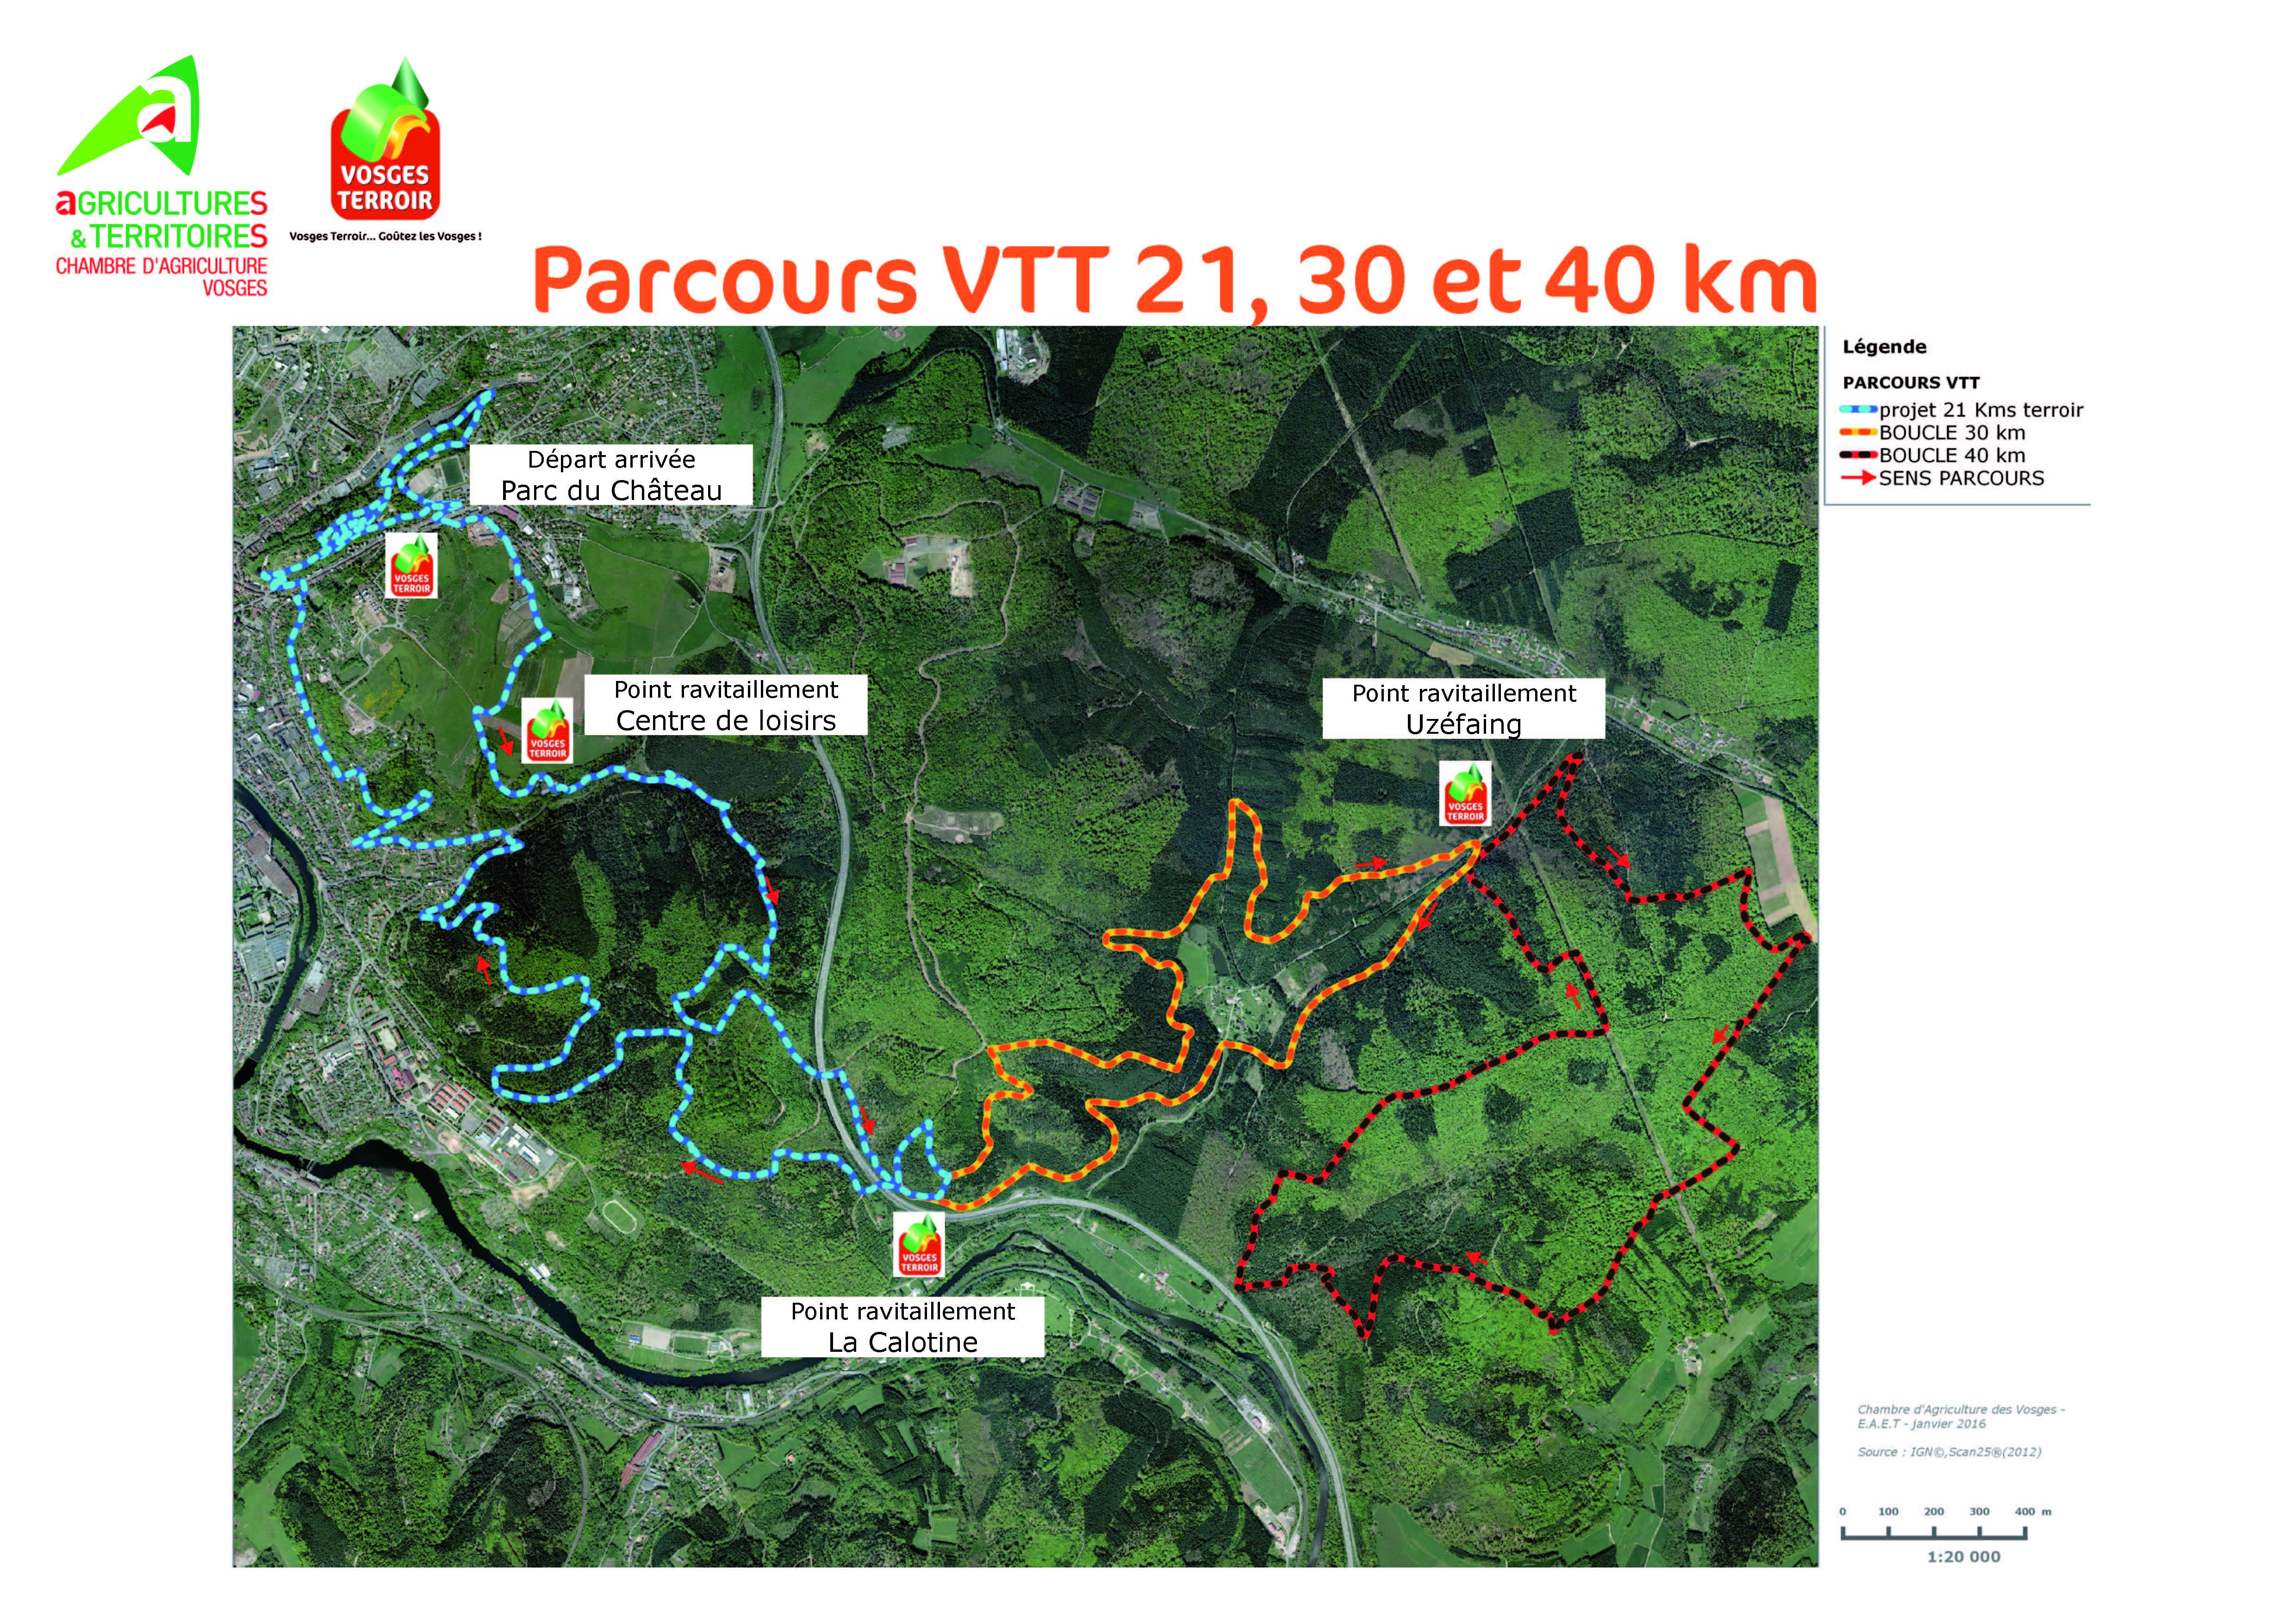 chambre d'agriculture des vosges :: parcours vtt 21, 30 et 40 km